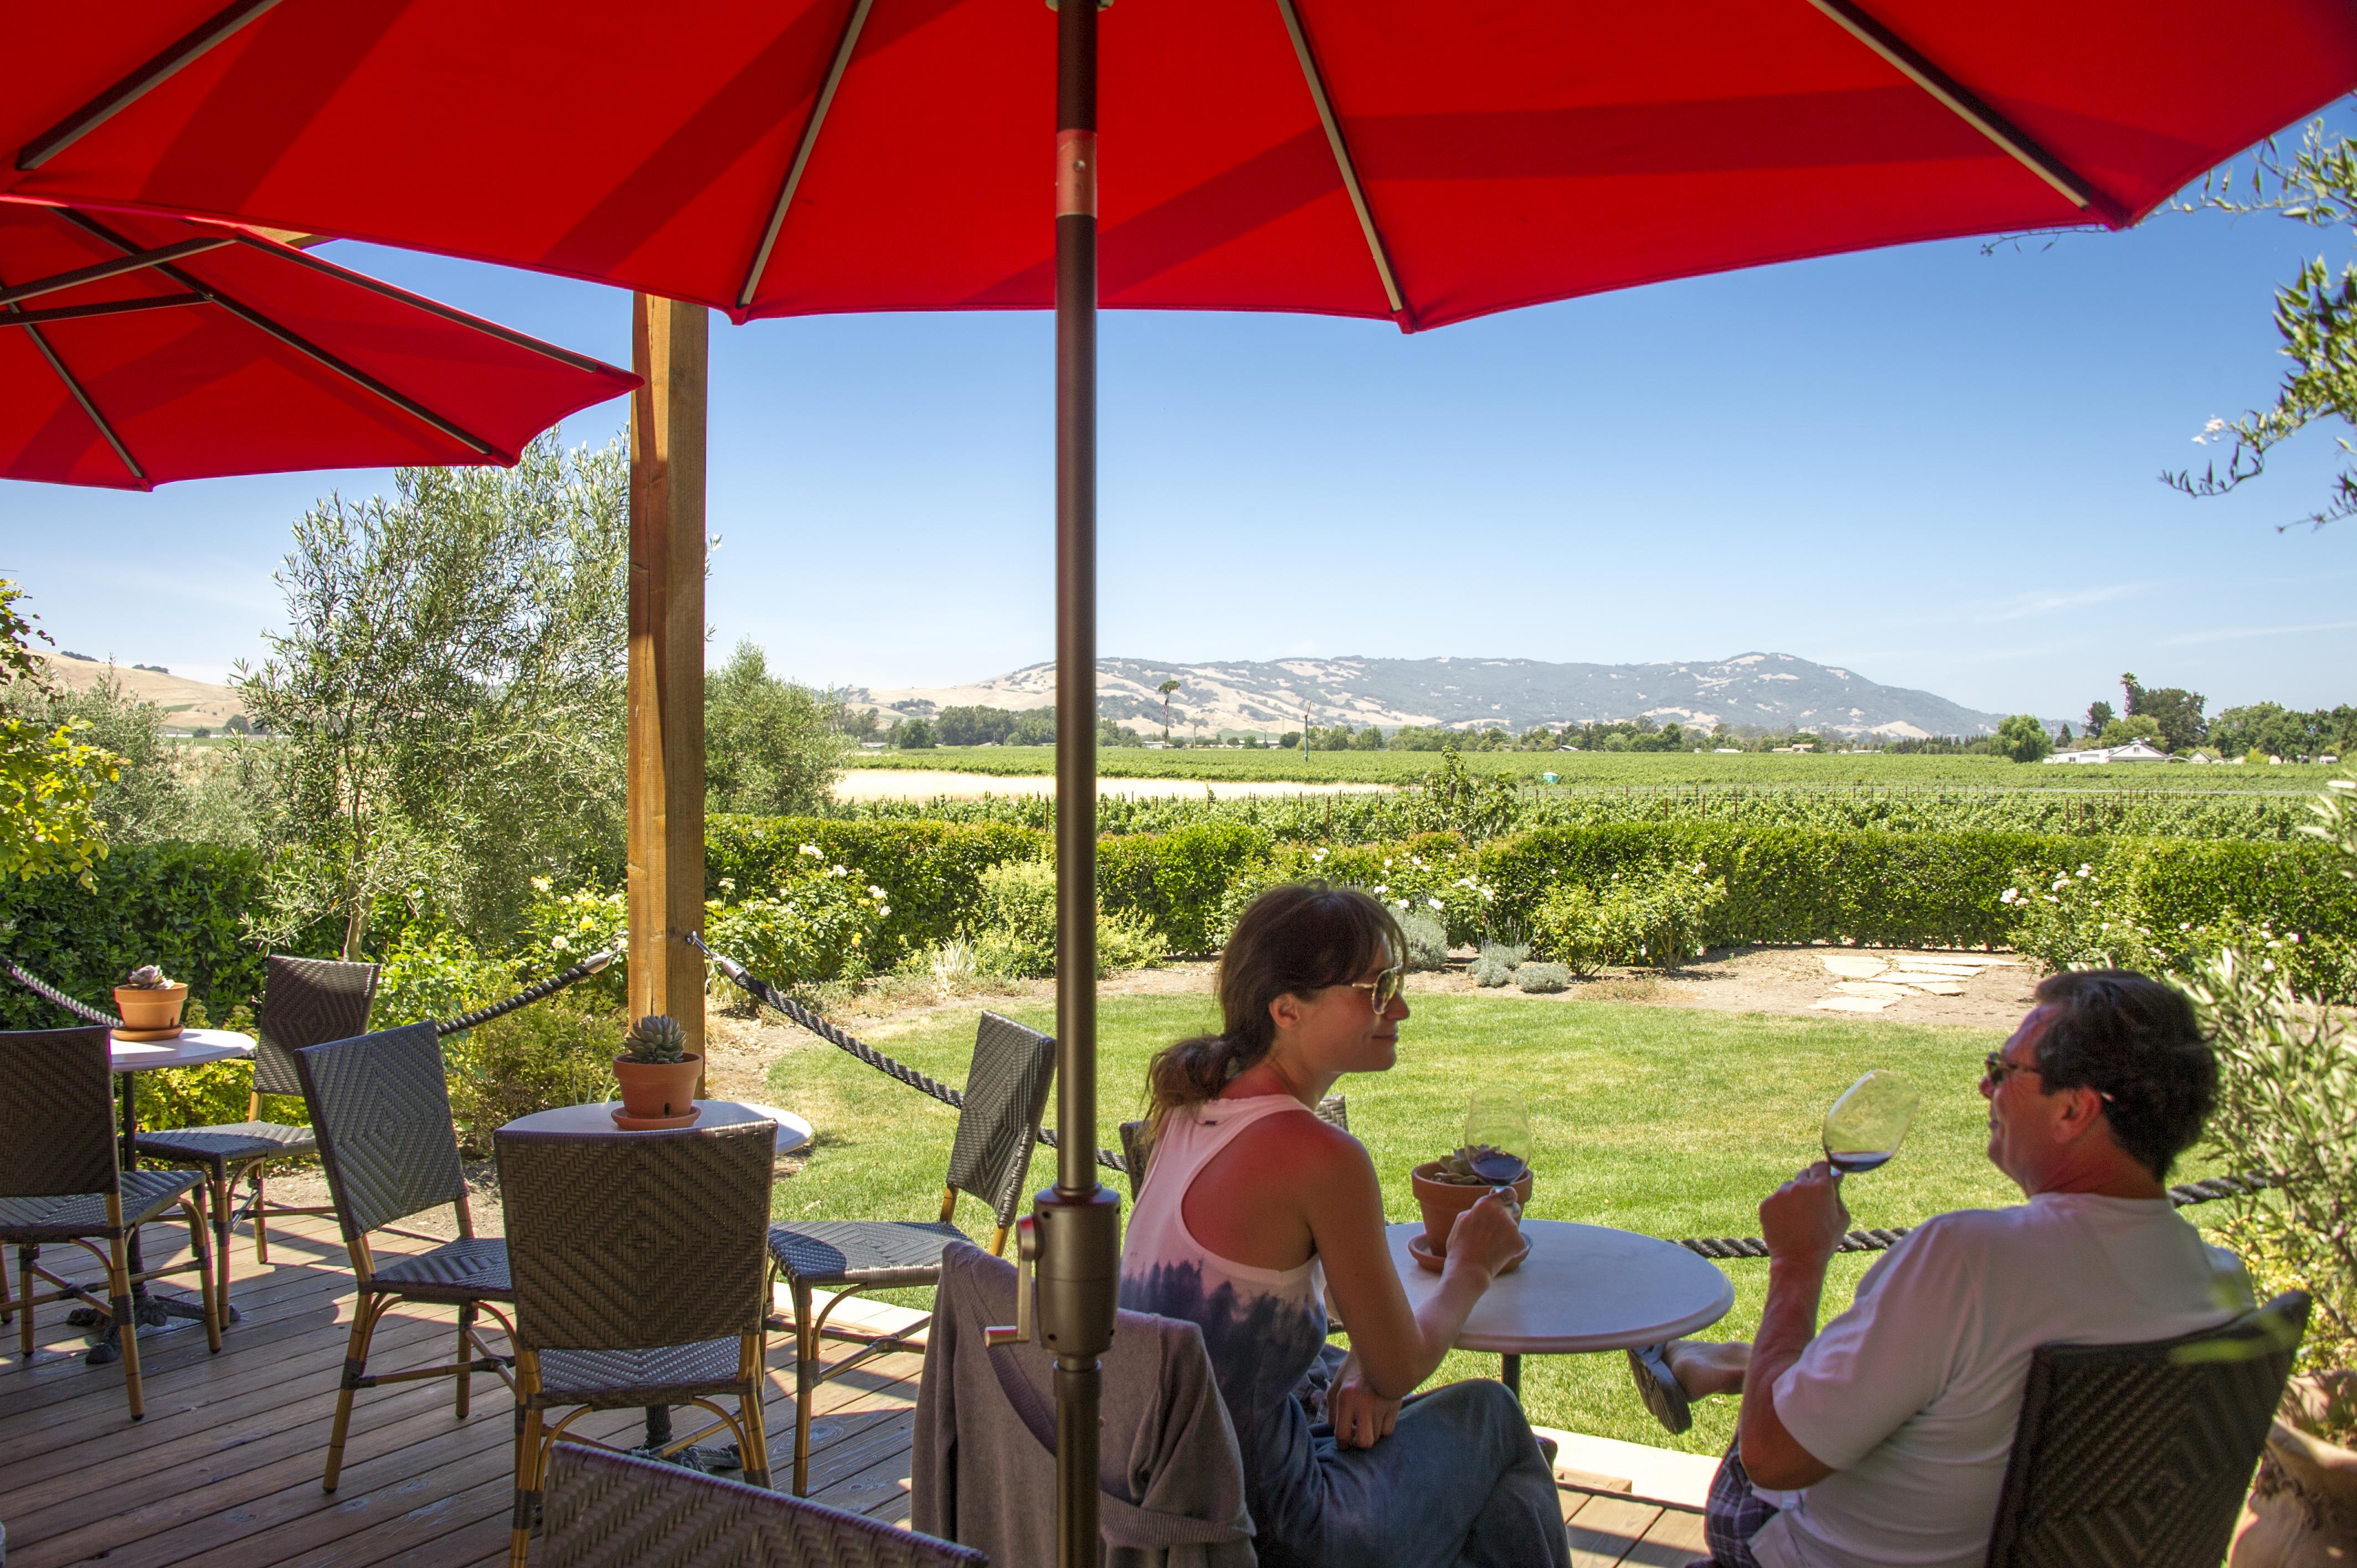 Anaba Winery, Sonoma County, California